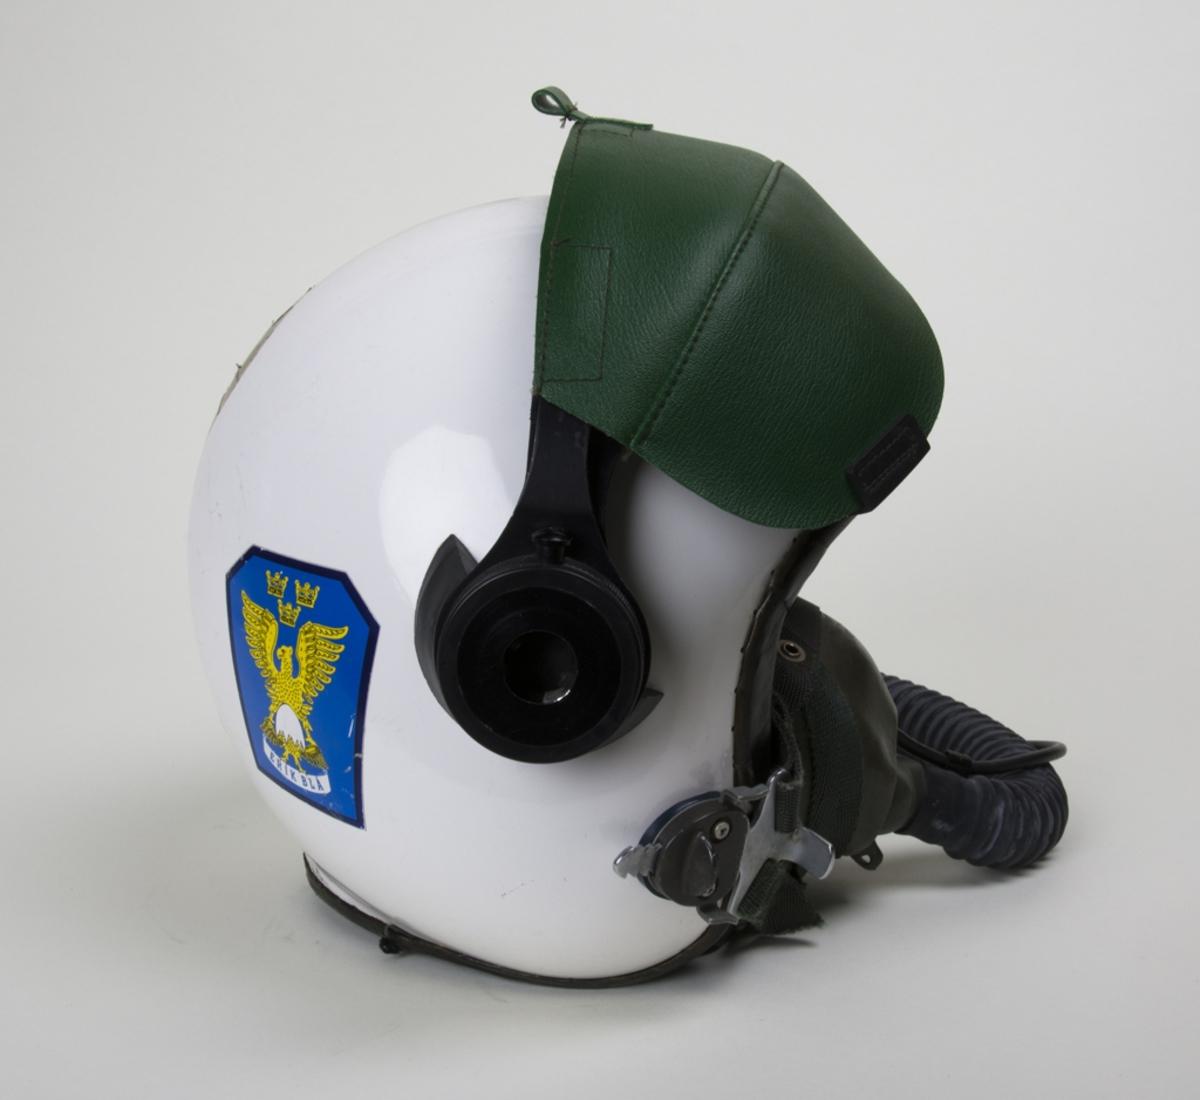 Flyghjälm av plast modell 113A. Komplett med syrgasmask. Den användes i all typ av svenskt flyg under 1970-talets senare del. Glasögonkåpa med skydd finns kvar.